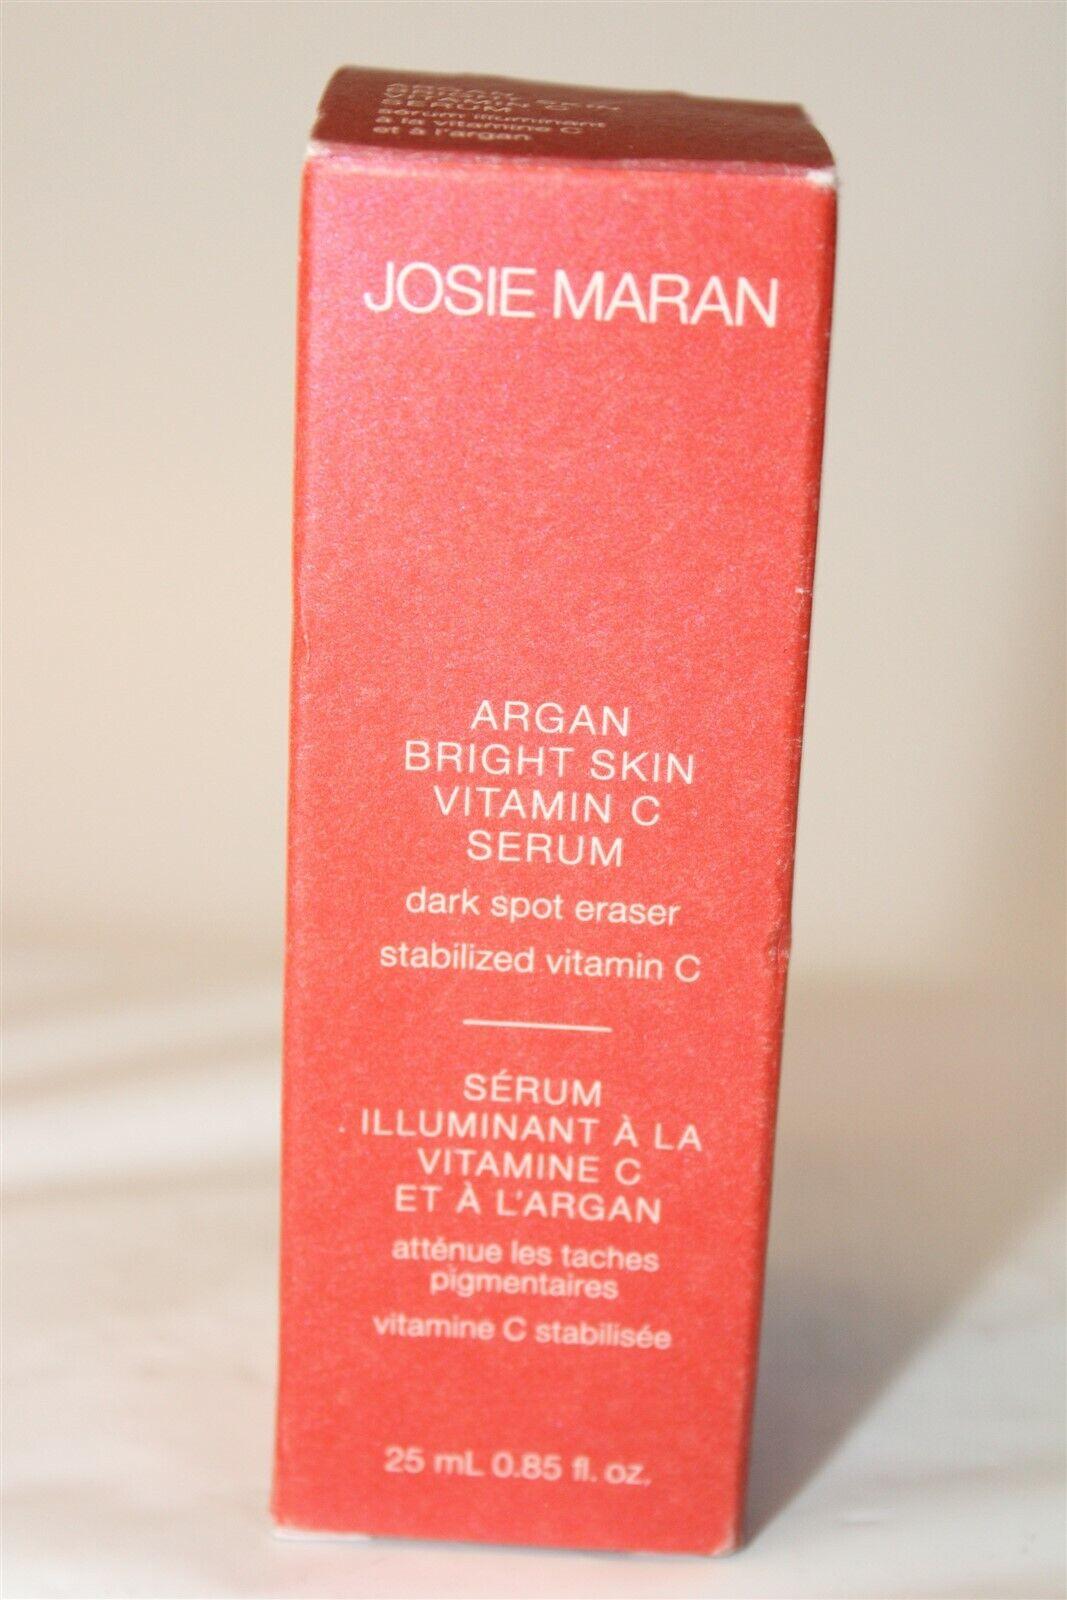 Josie Maran NEW Argan Bright Skin Vitamin C Serum Dark Spot Eraser 0.85 Fl. Oz.  - $20.00